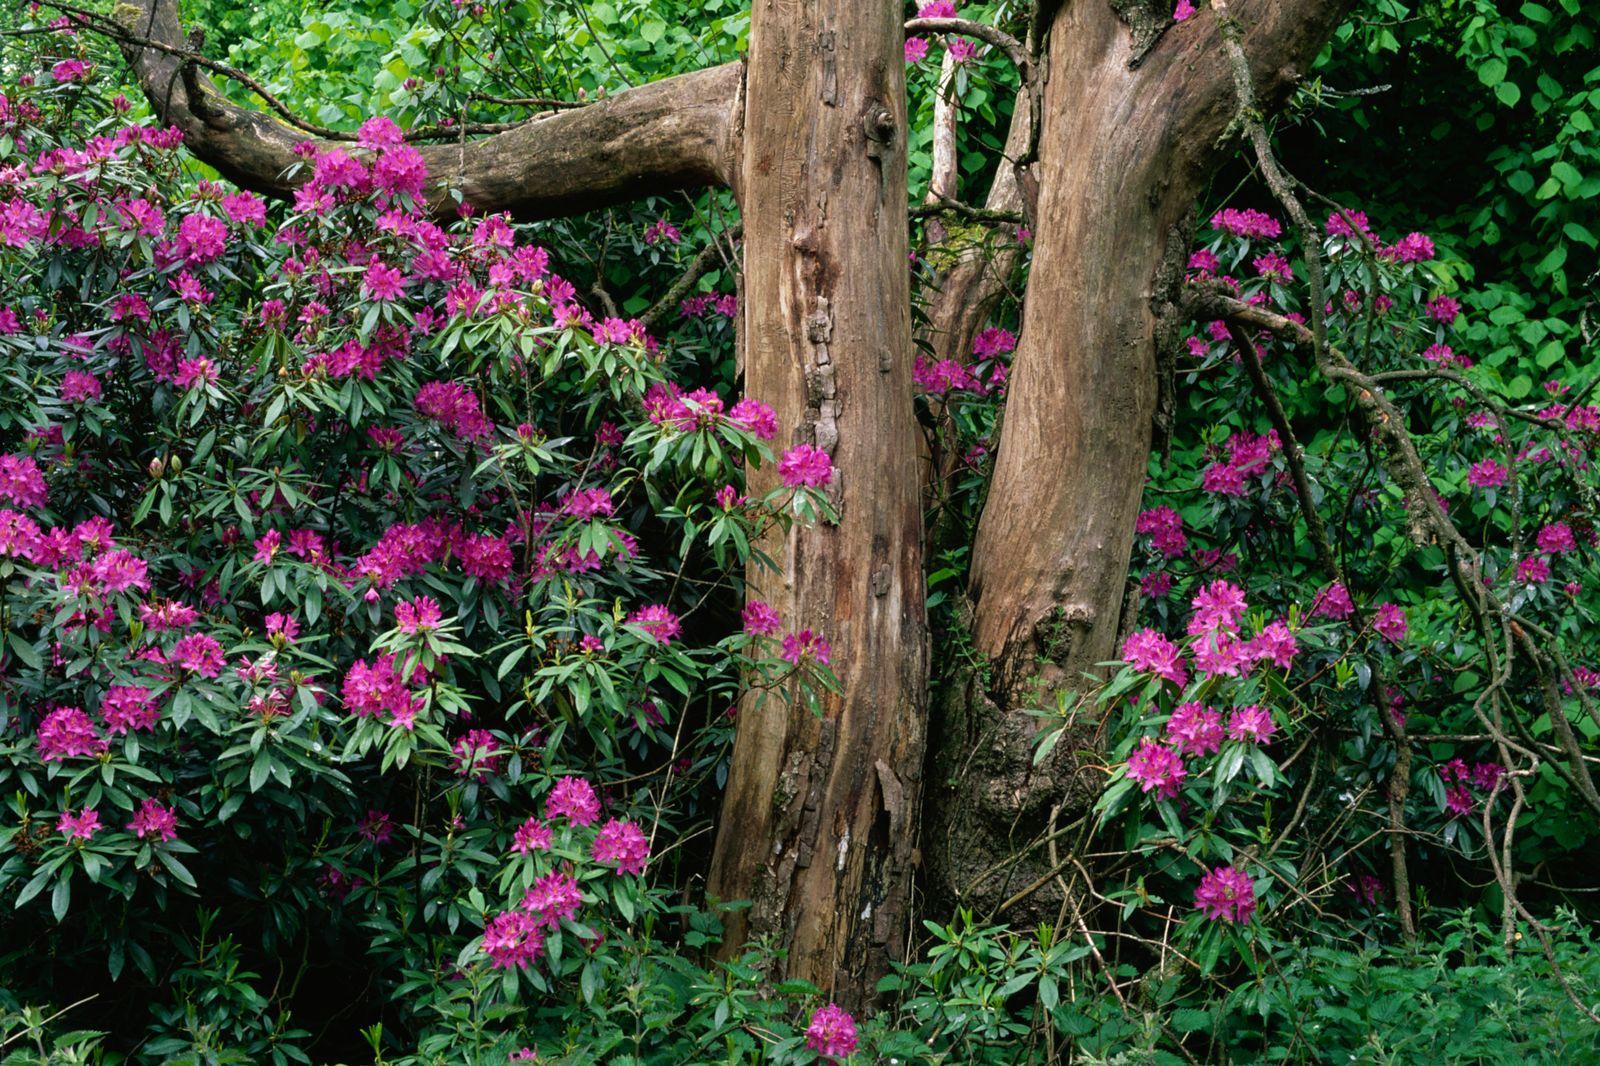 NICHT MEHR VERWENDEN! - Rhododendron Ponticum / Pontischer Honig